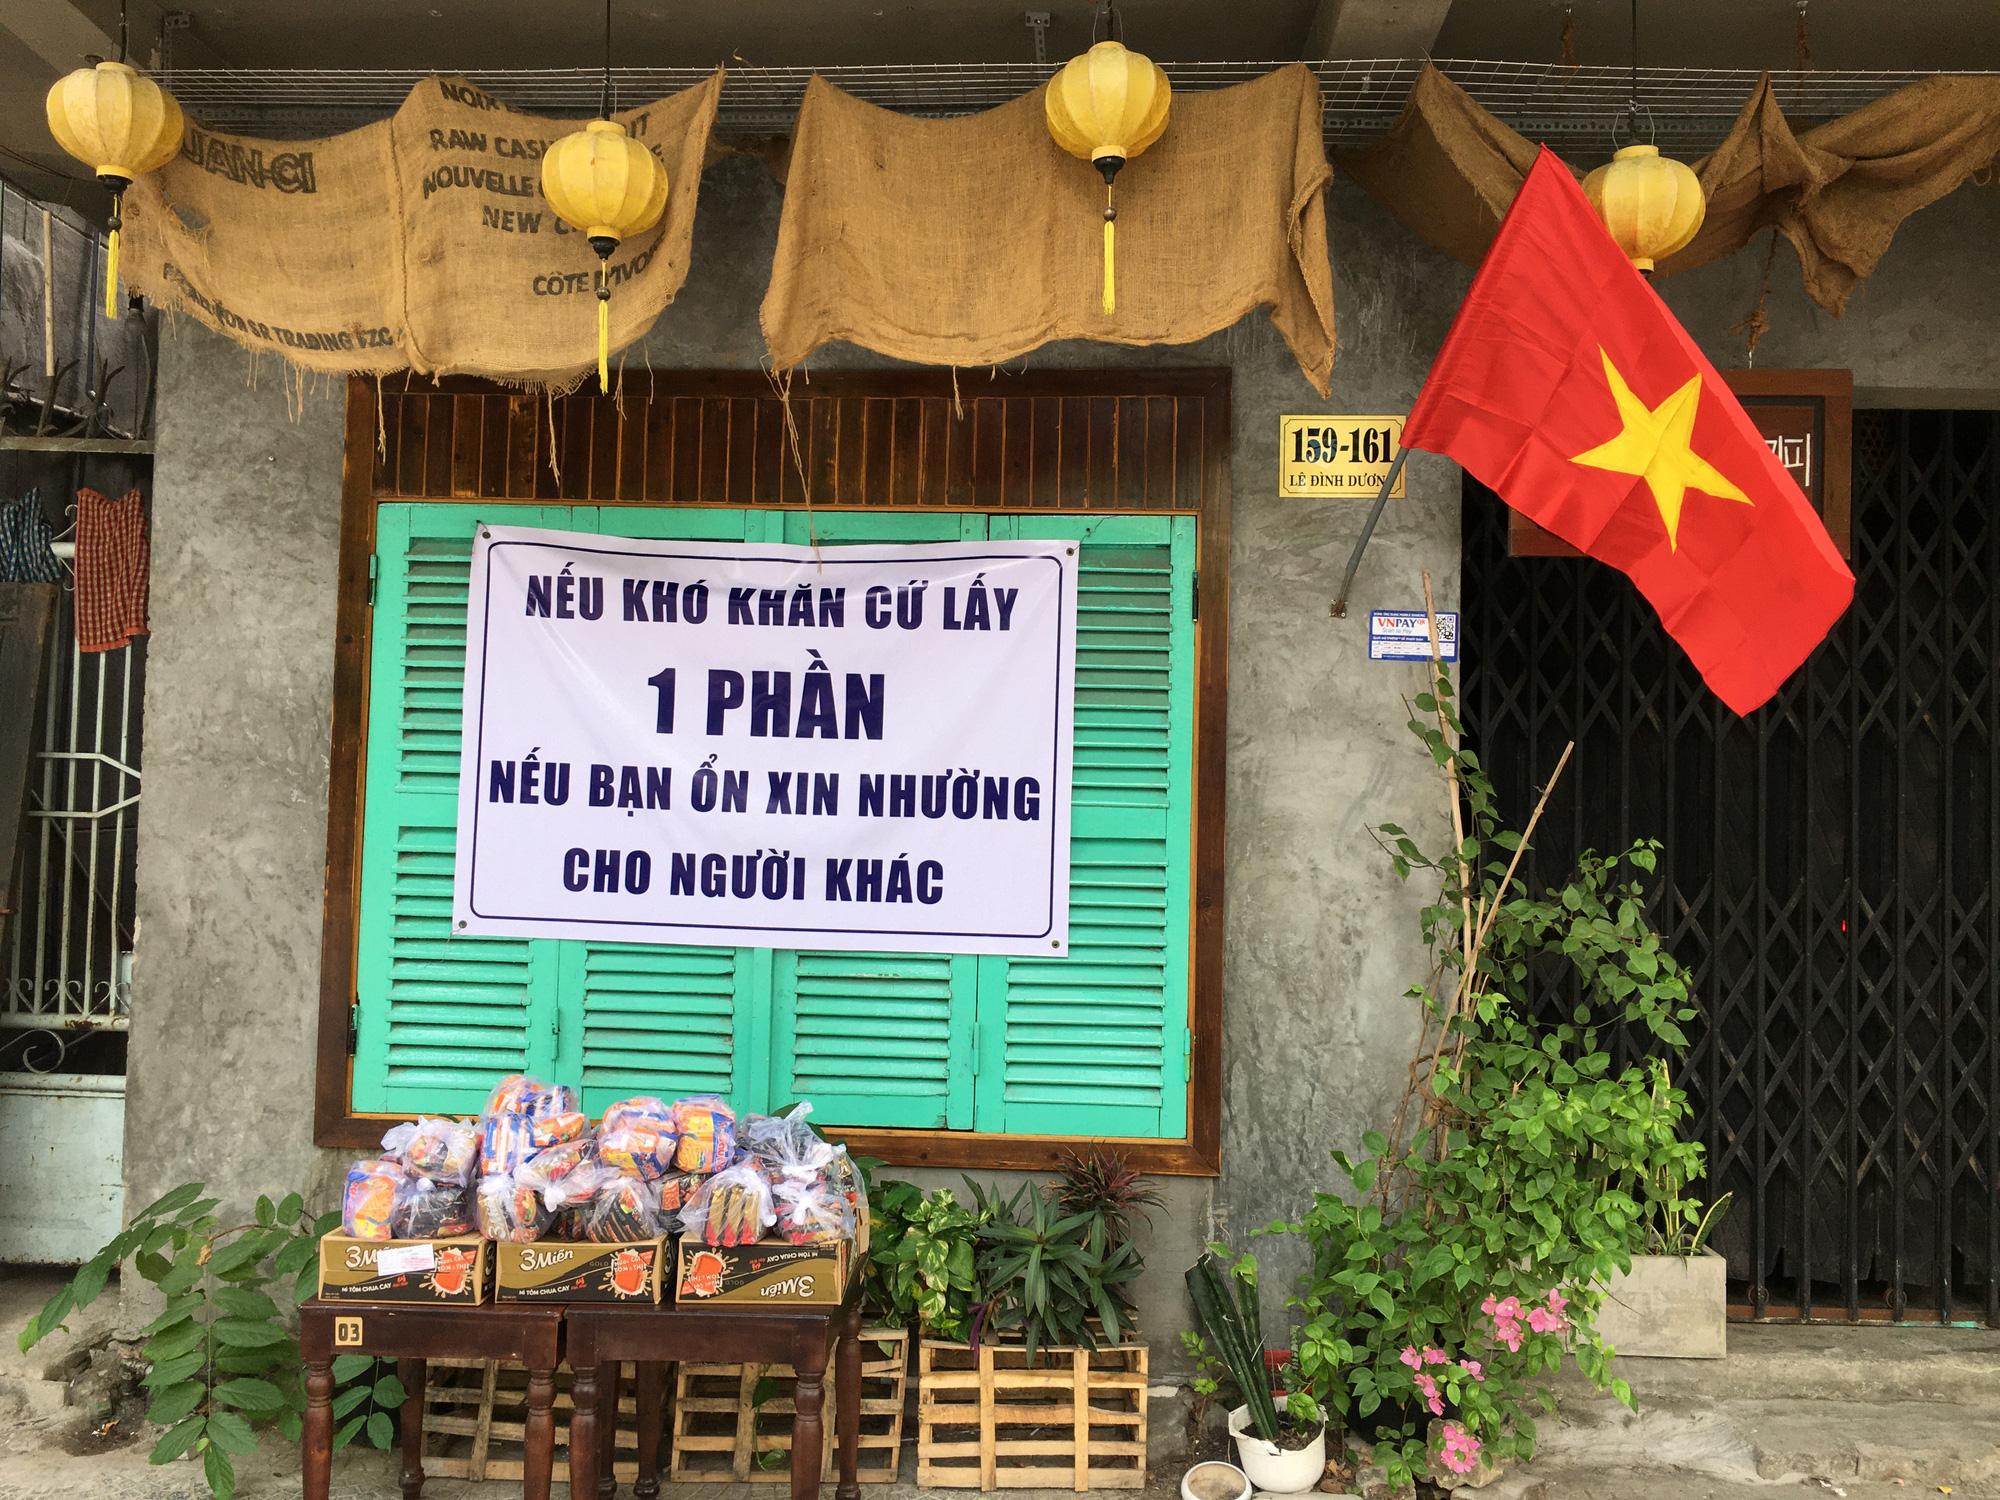 Từ quán cà phê, bánh ngọt đến trà sữa ở Đà Nẵng dừng luôn việc bán online, mang đi khi chính quyền cấm - Ảnh 17.